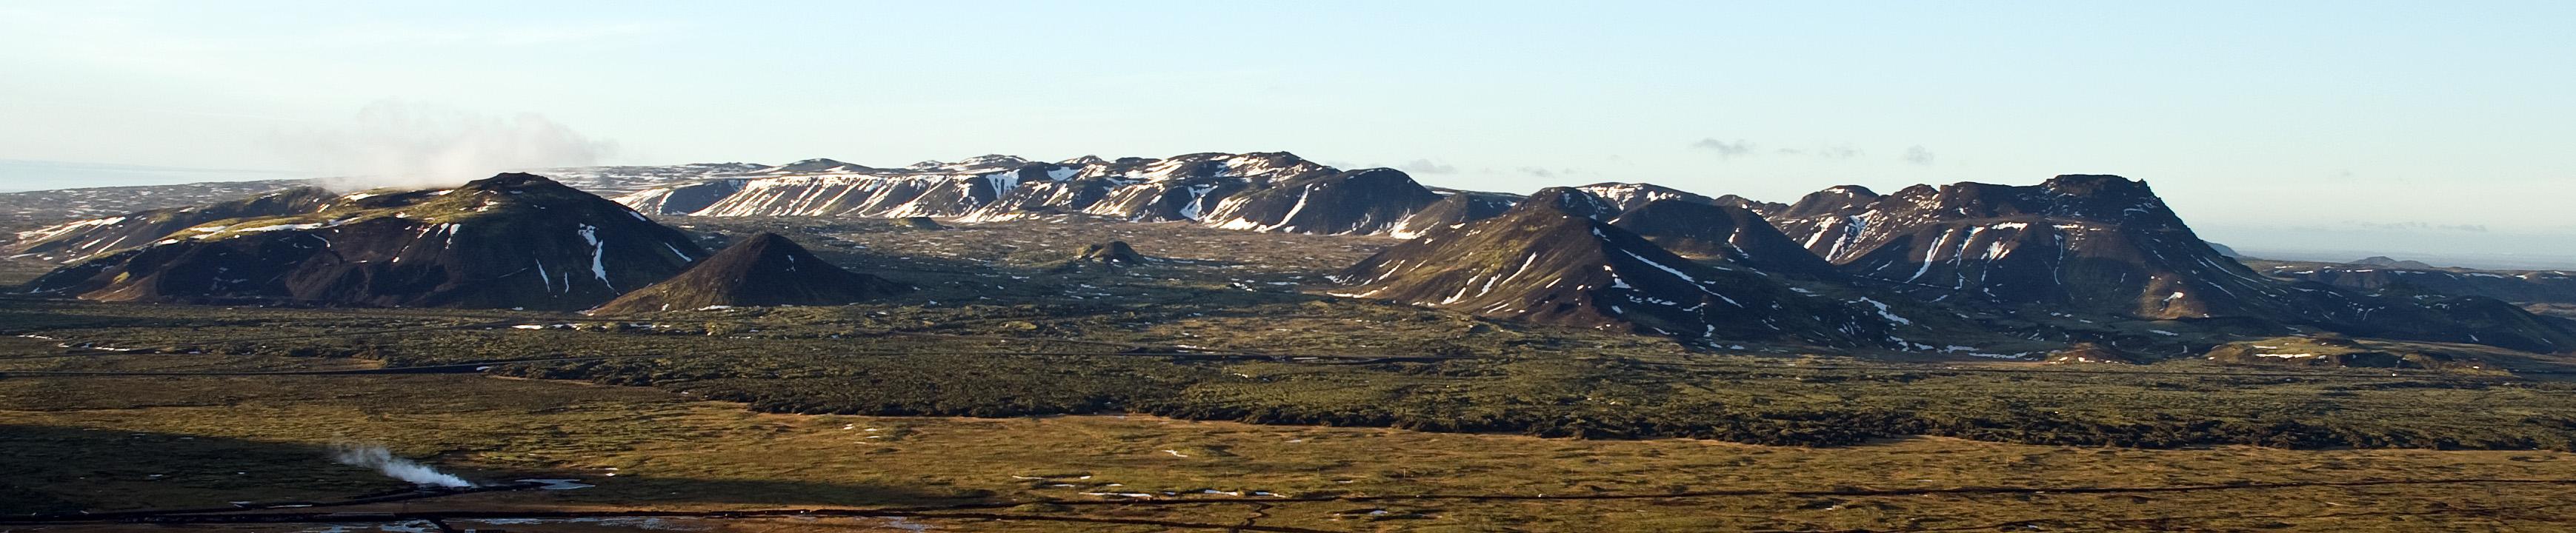 Lambafell, Lambafellshnúkur, Bláfjallahryggur  (í bakgrunni), Nyrðri-Eldborg (eins og lítill hóll), Blákollur, Sauðadalahnúkar og Vífilsfell